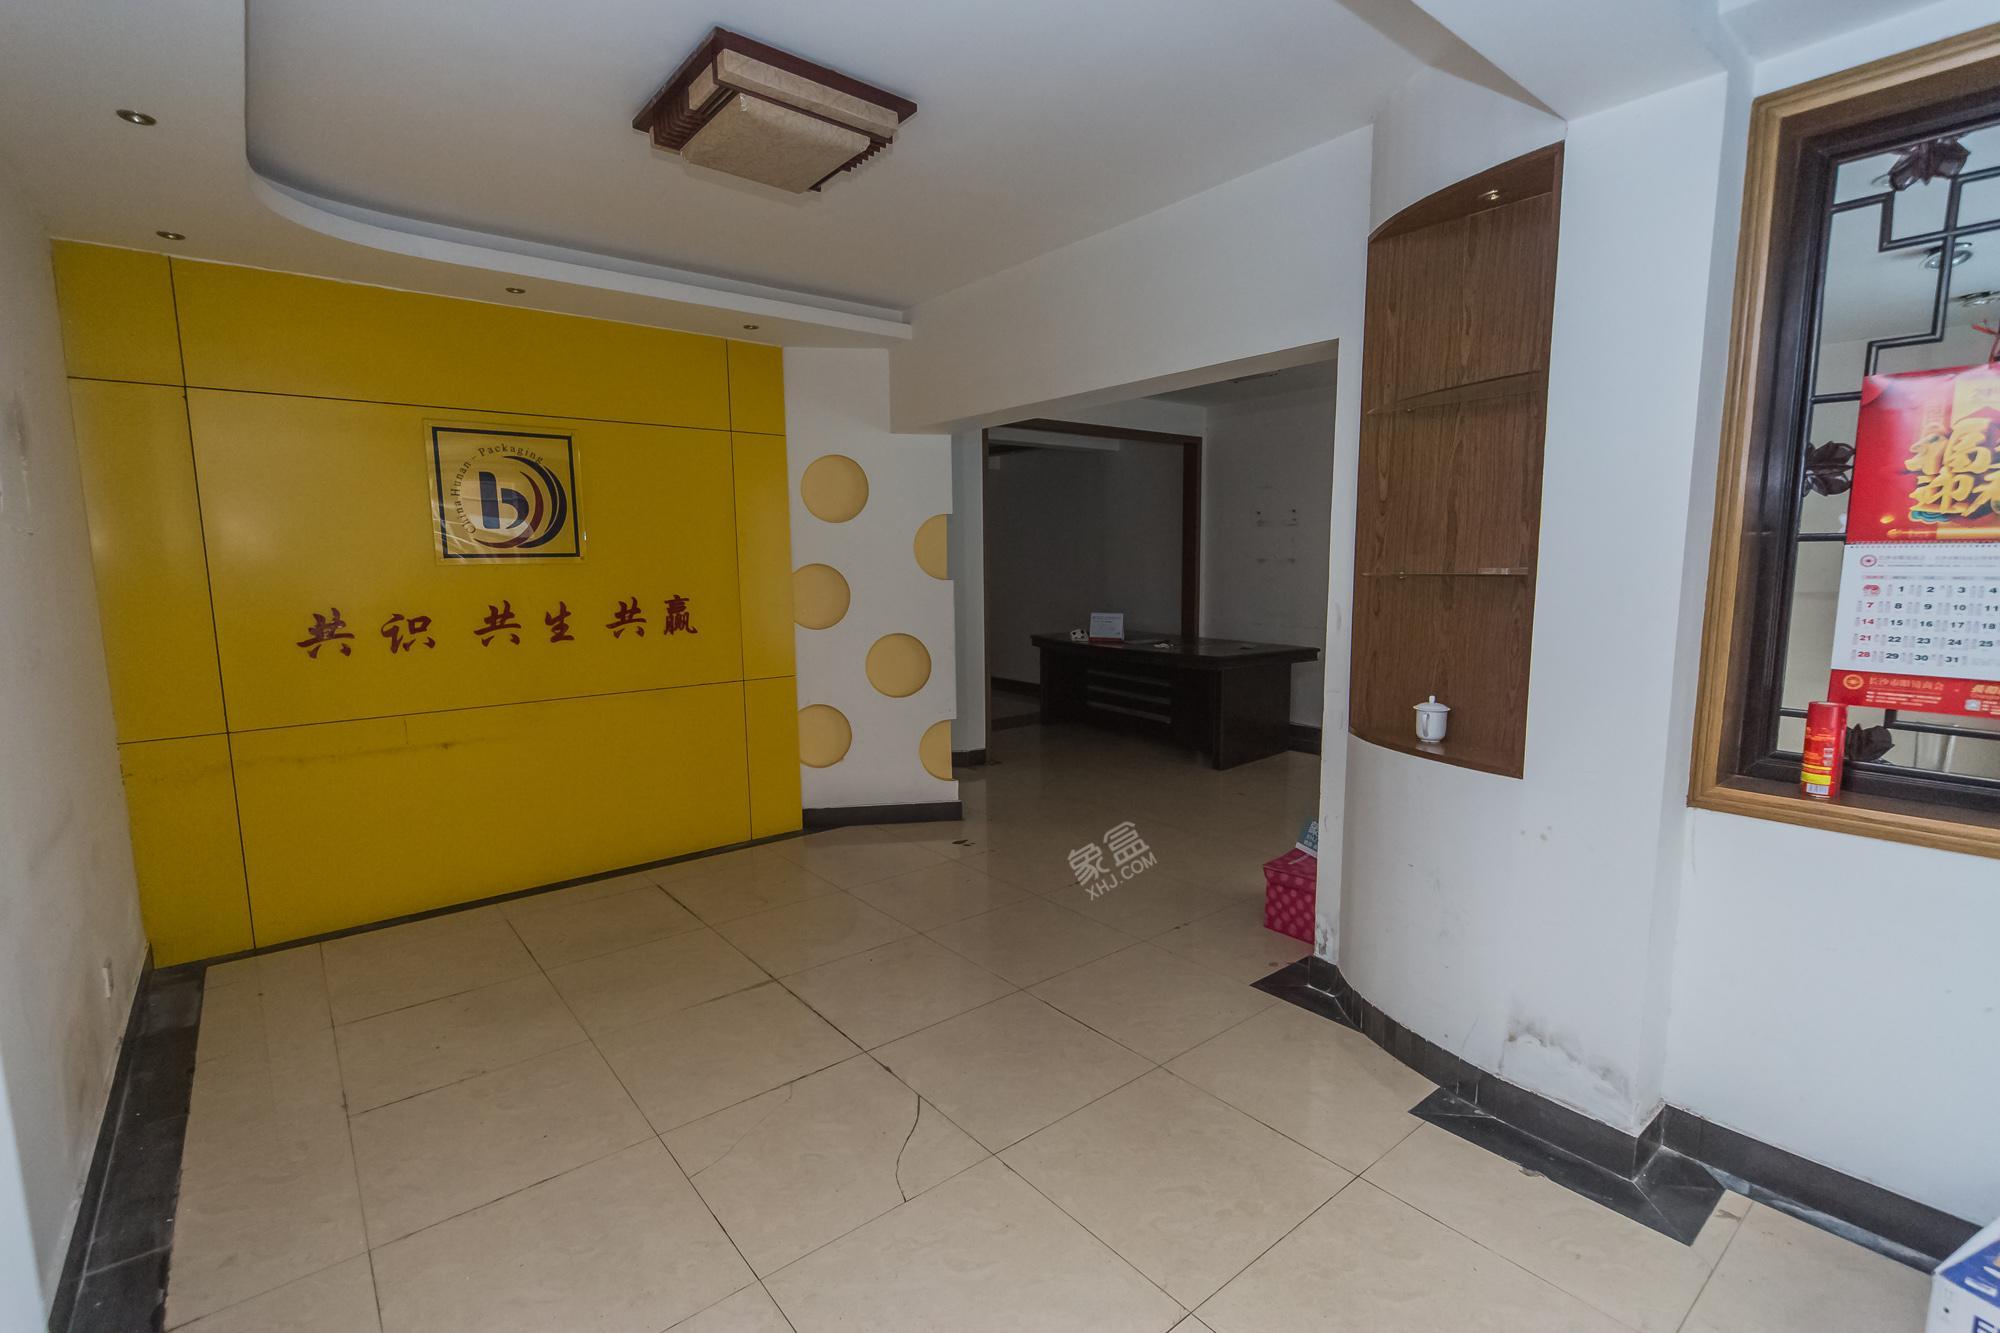 广济苑公寓 3室2厅1卫 142.0万